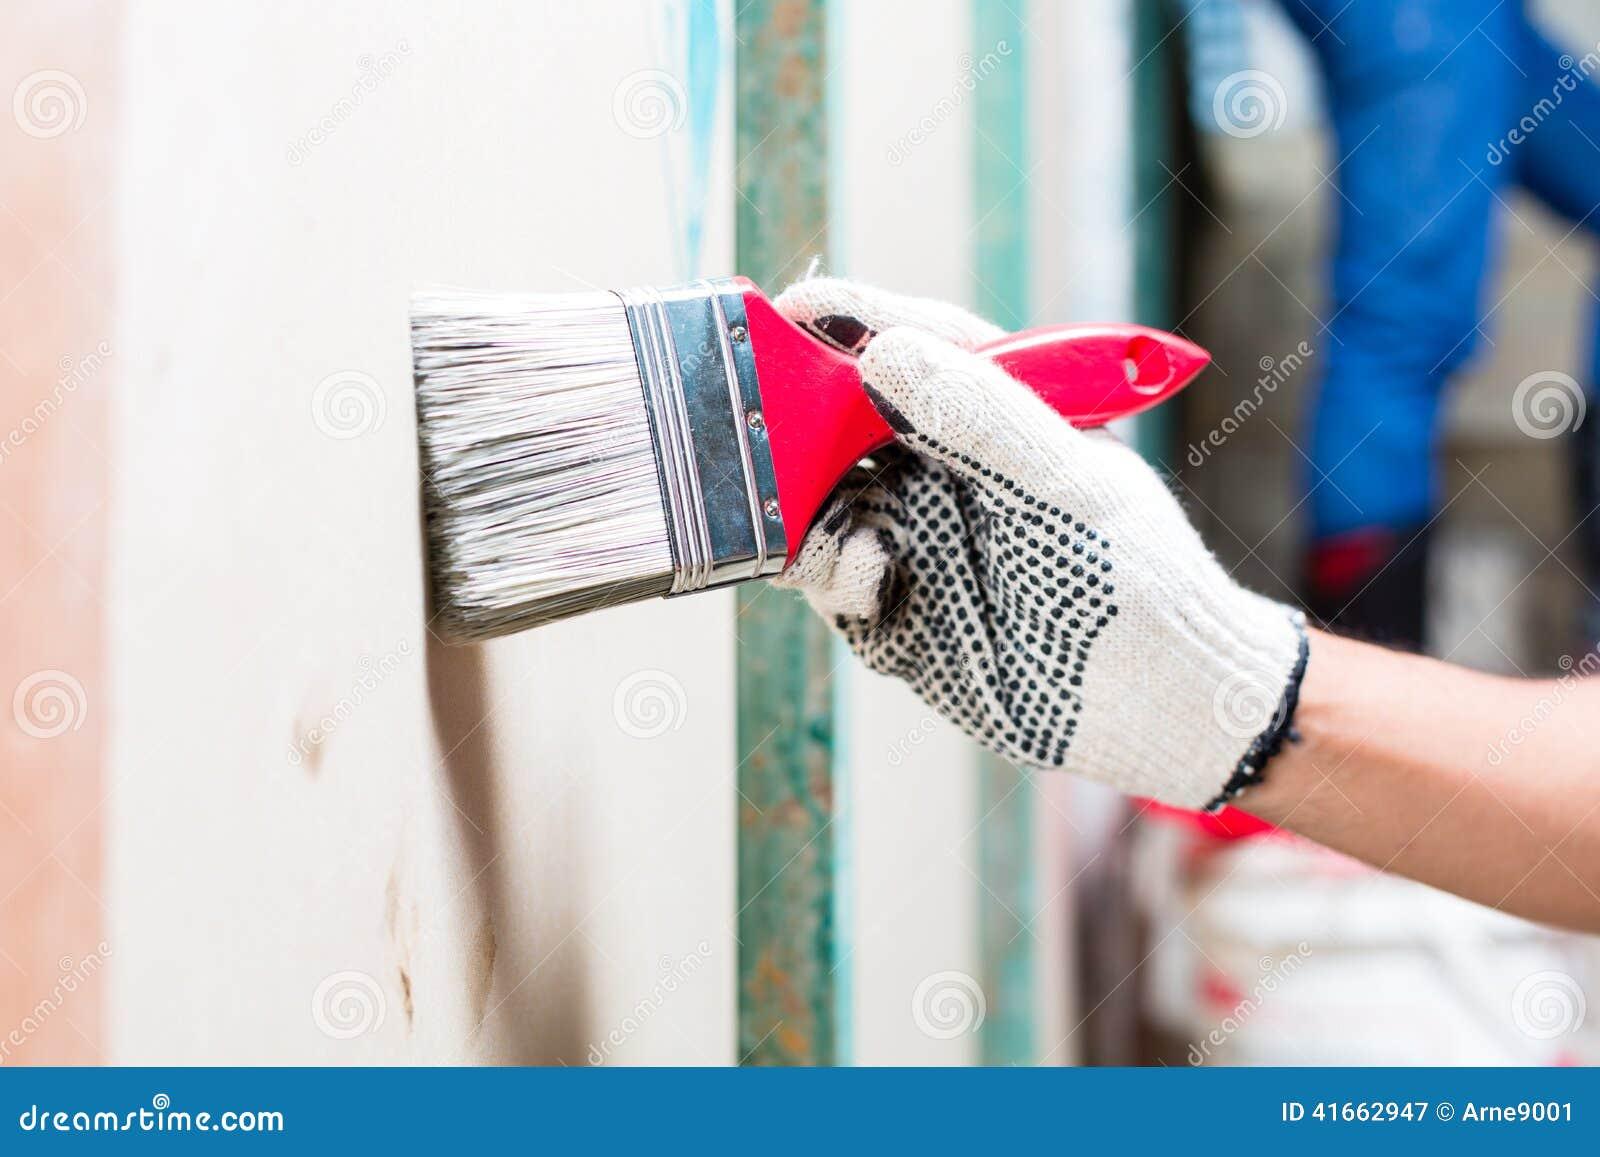 Художник с щеткой и краска на строительной площадке